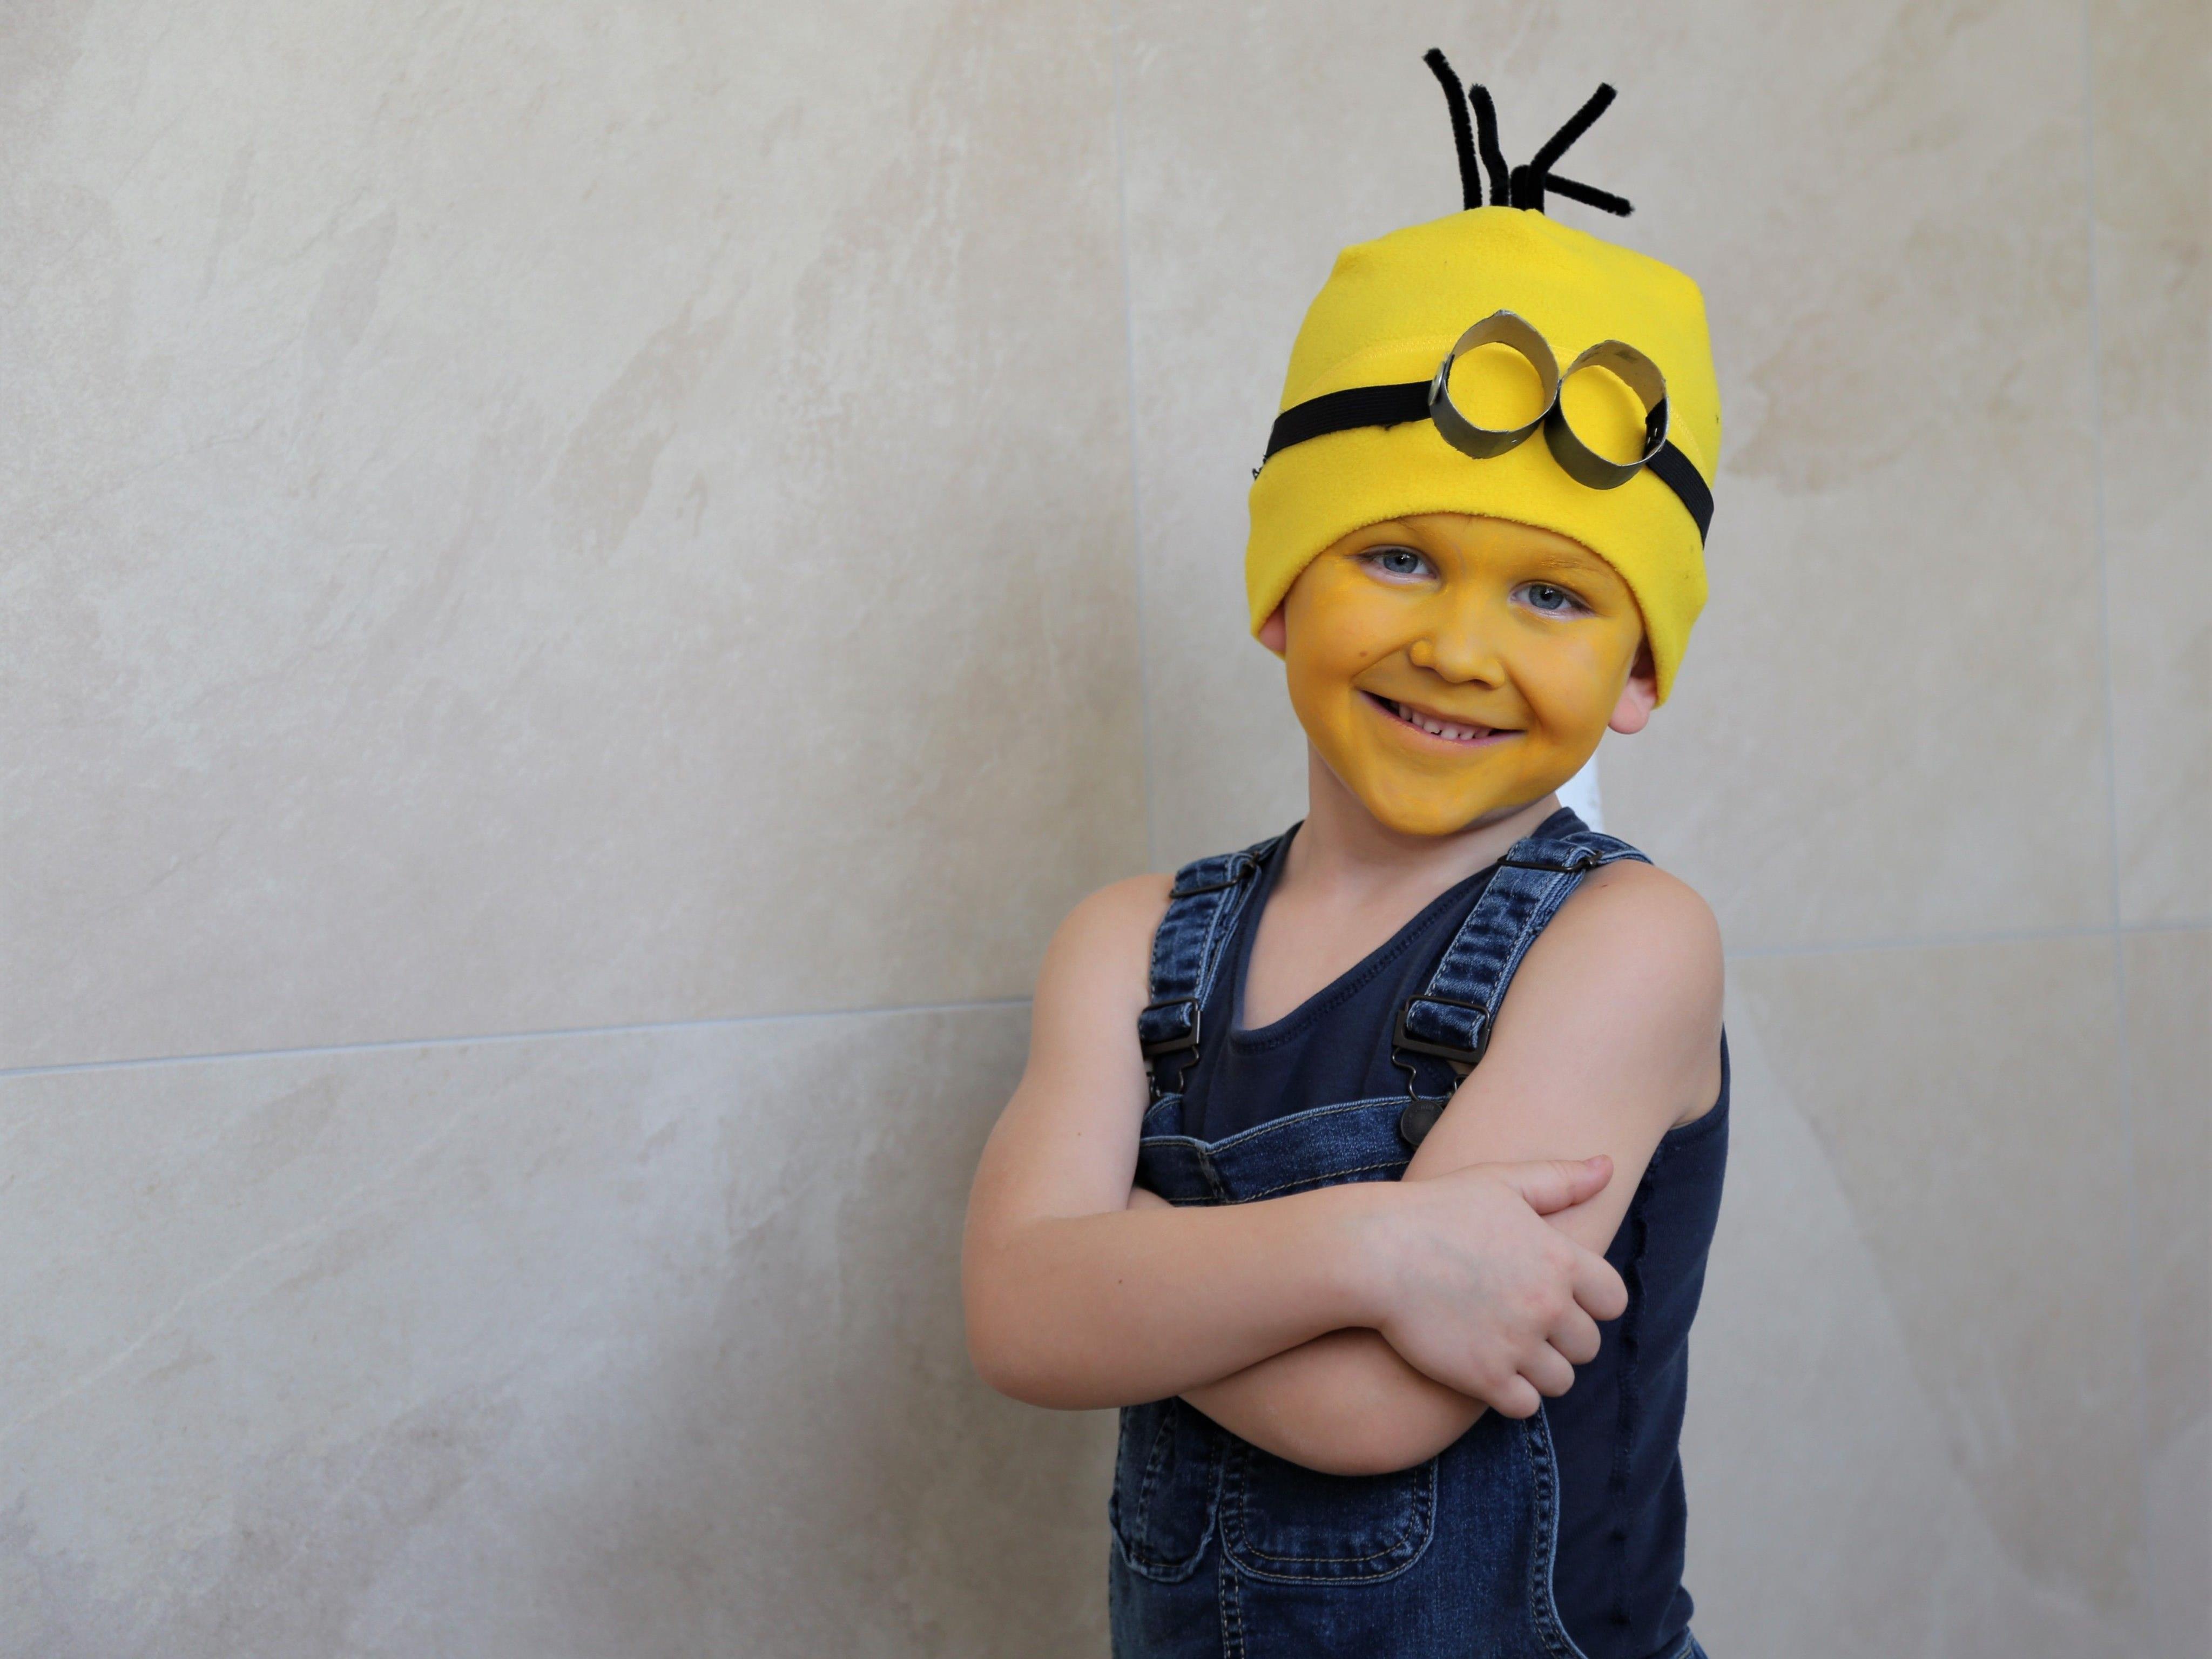 Mit strahlend gelbem Gesicht ist der Minion-Look perfekt.